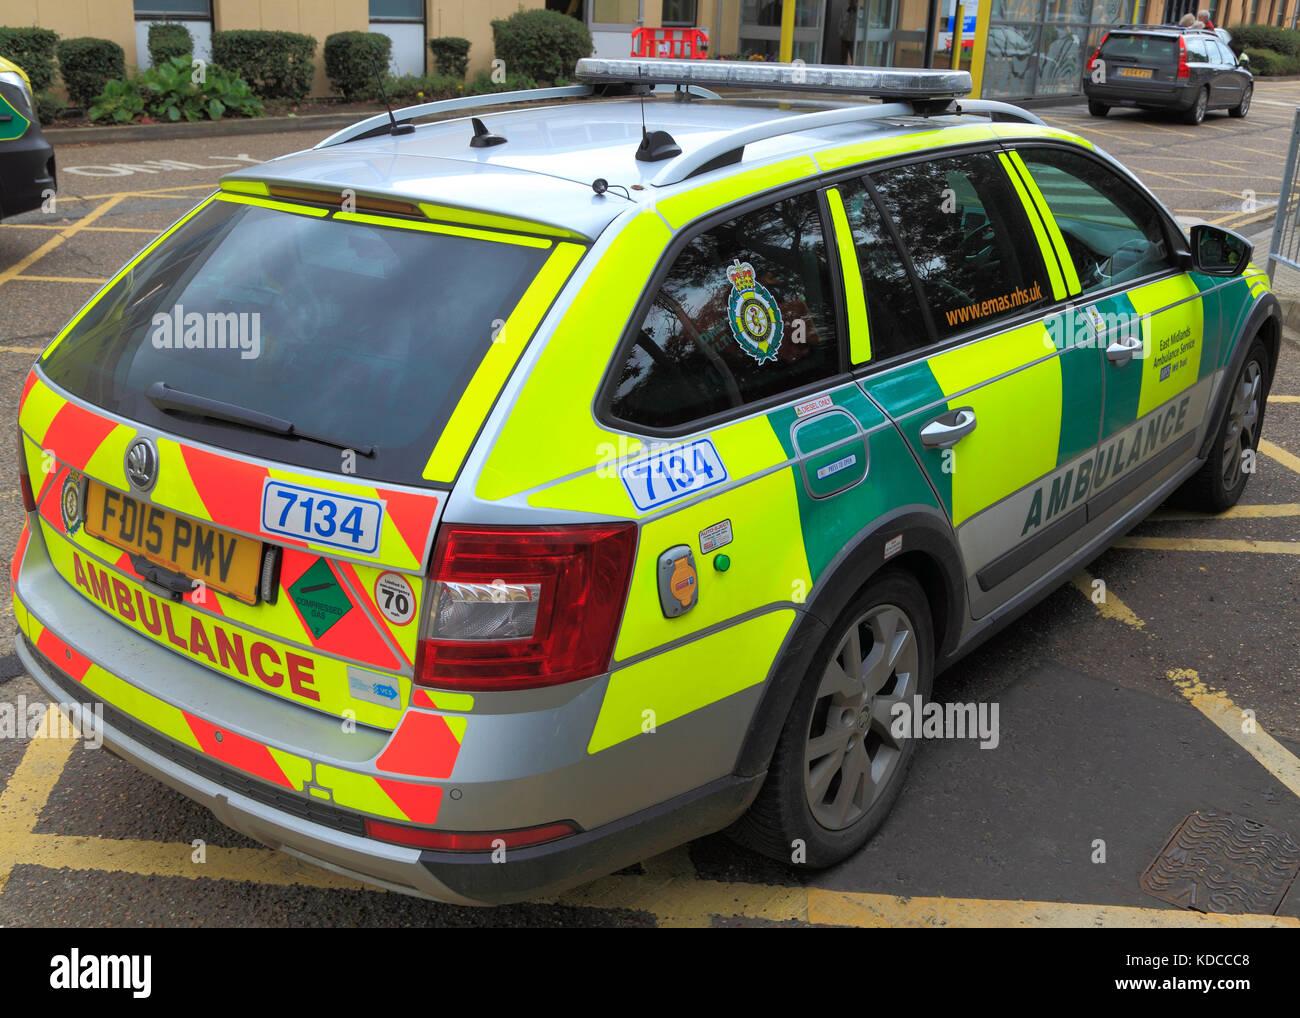 East Midlands Ambulance Service, saloon car, ambulances, NHS, England, UK - Stock Image